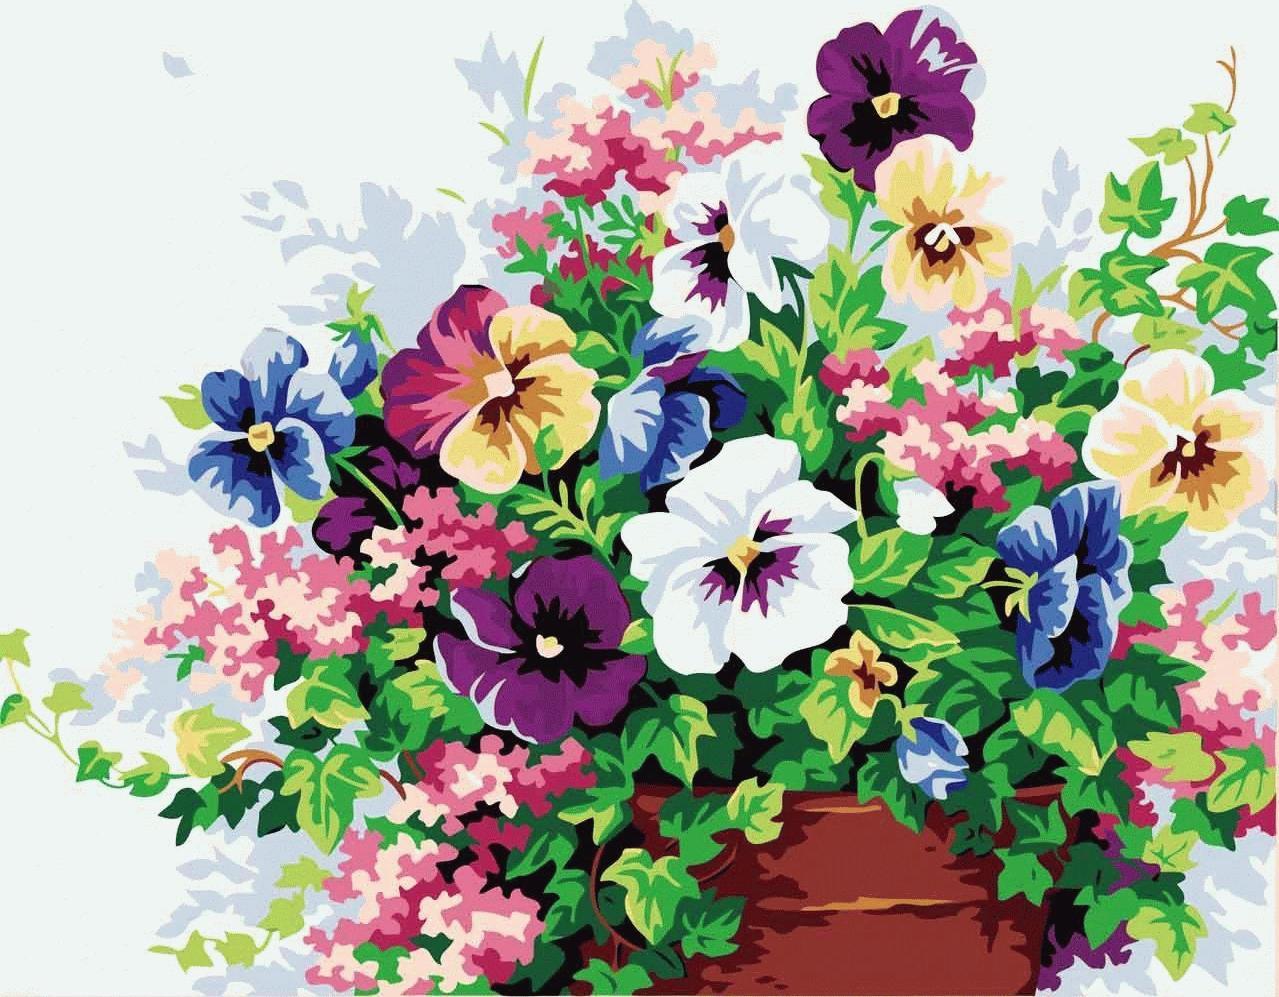 Картина по номерам «Букет свежести»Menglei (Premium)<br>Изящные и нежные цветы на картине по номерам «Букет свежести» послужат прекрасным дополнением к стильному дизайну интерьера любой из комнат. Основа букета – фиалка трехцветная, больше известная как Анютины глазки, создает ощущение чистоты и обновления, ка...<br><br>Артикул: MG143<br>Основа: Холст<br>Сложность: средние<br>Размер: 40x50 см<br>Количество цветов: 22<br>Техника рисования: Без смешивания красок